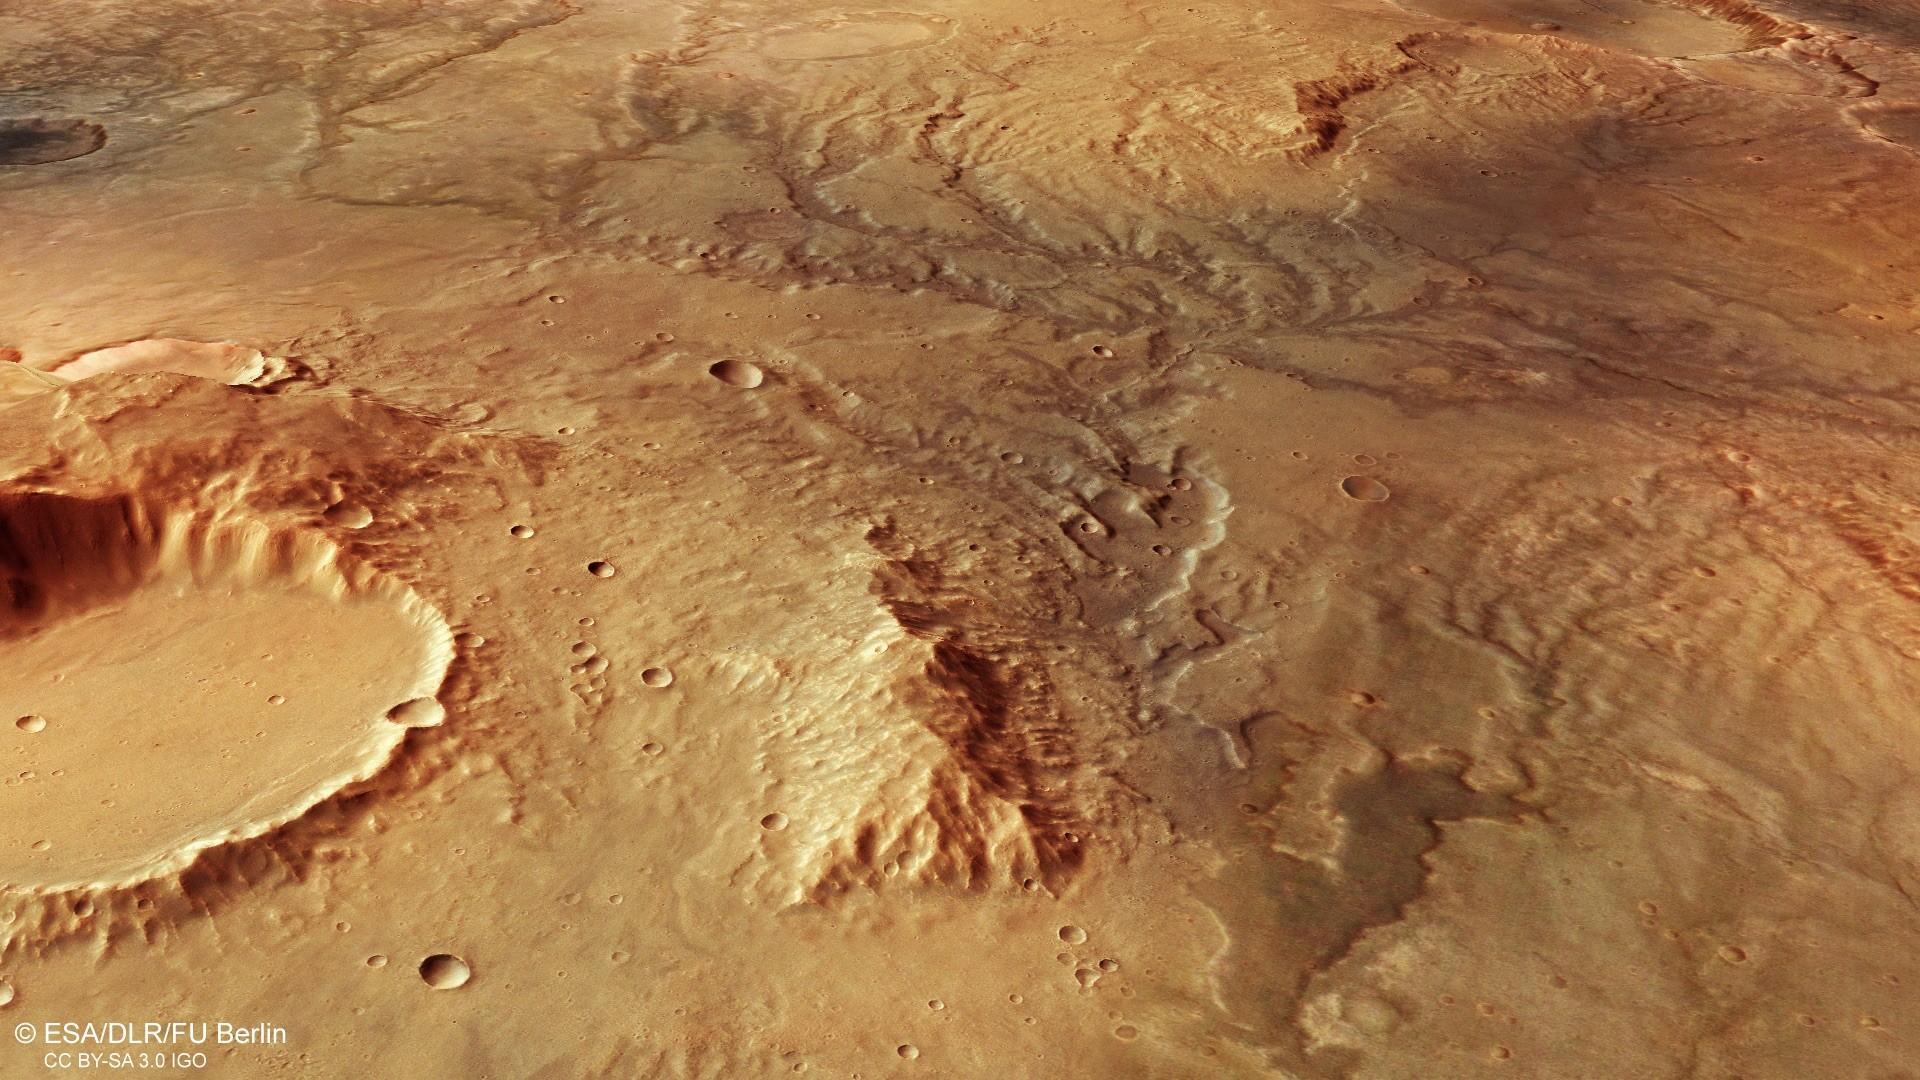 Imagem da sonda Mars Express da ESA mostra uma rede de vales em Marte (Foto: ESA/DLR/FU Berlin - CC BY-SA 3.0)